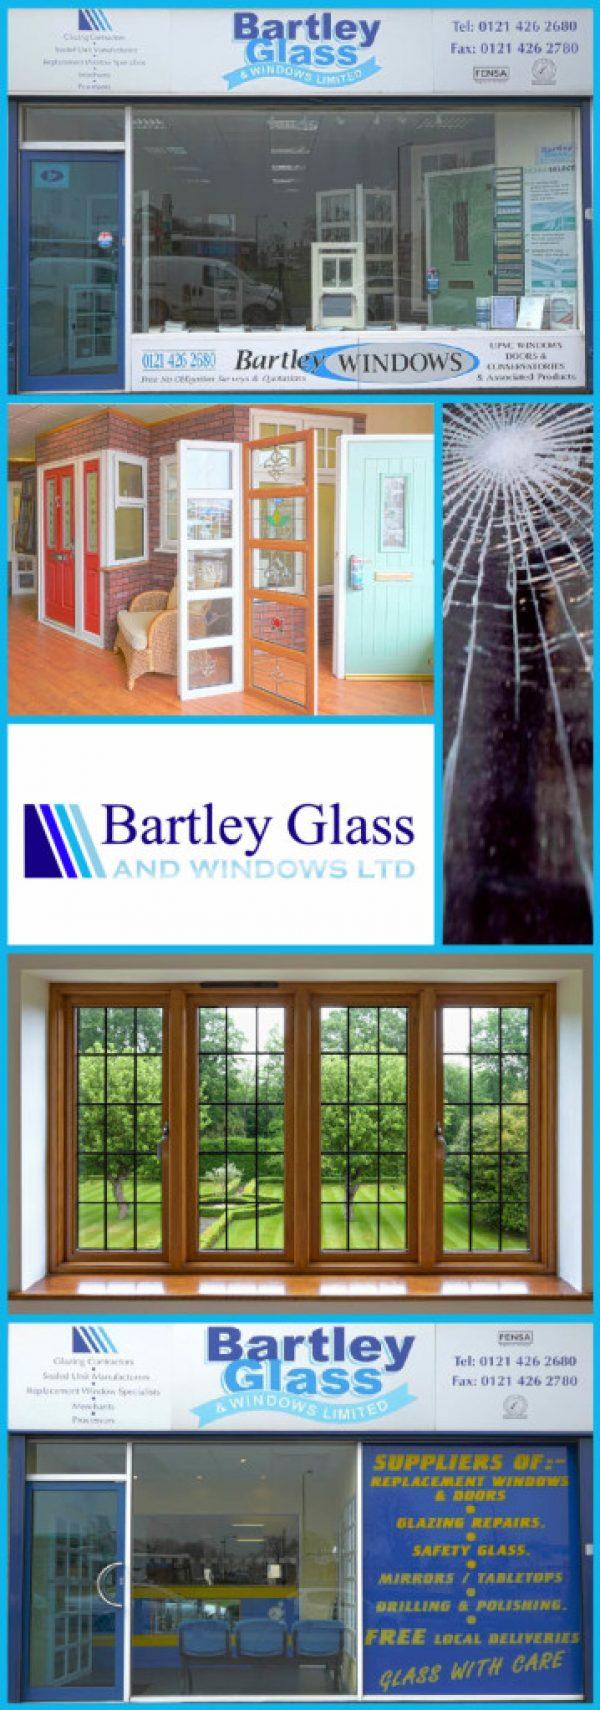 bartley-glass-glaziers-birmingham